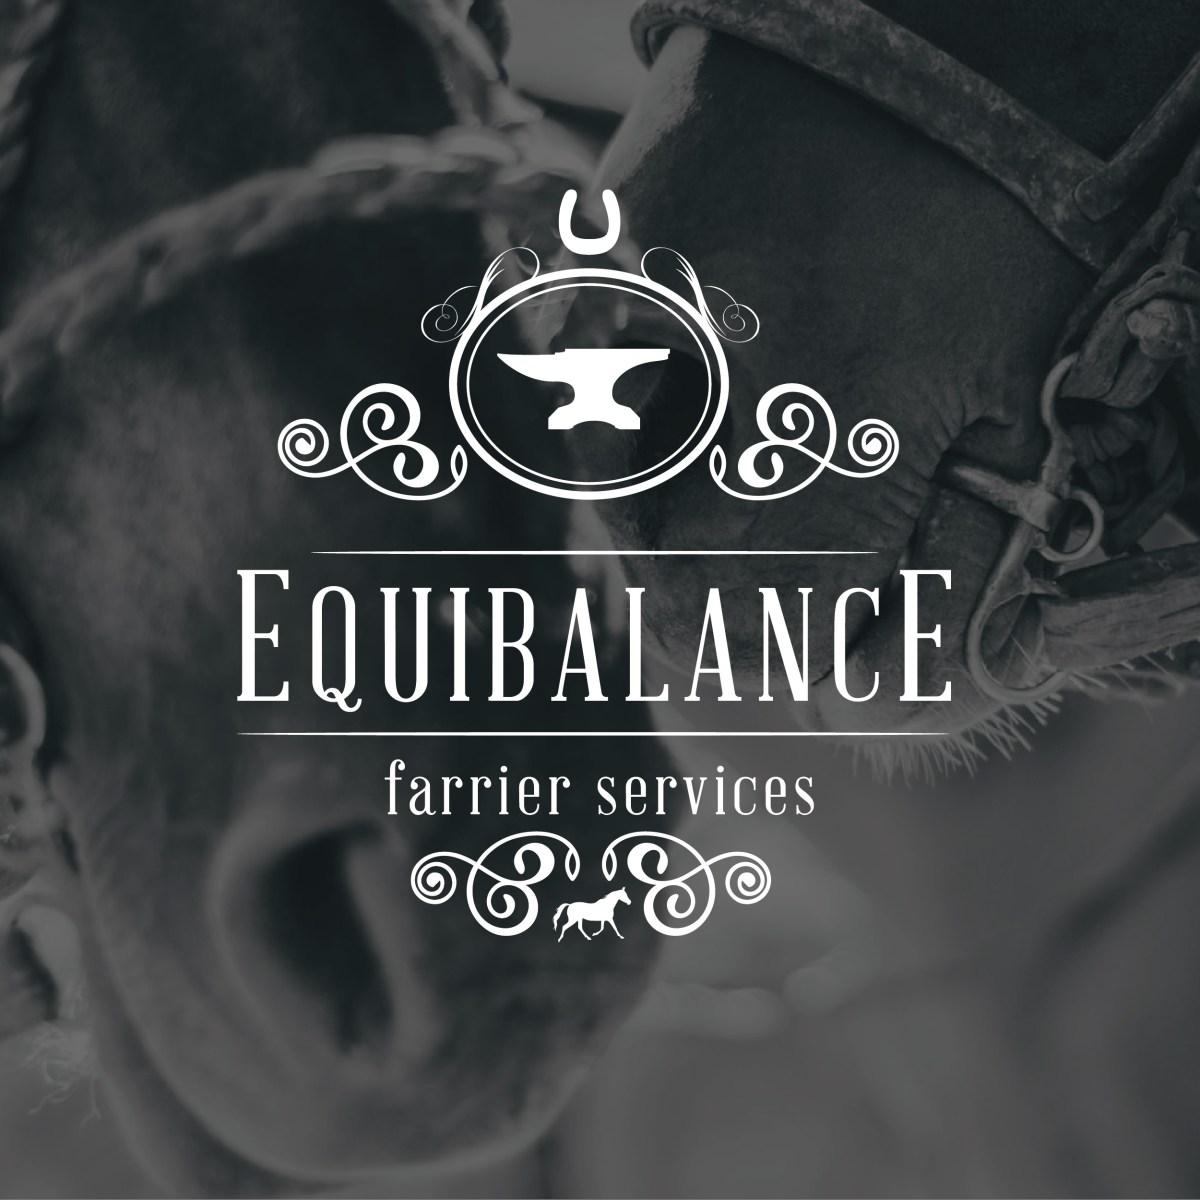 Equibalance Farrier Services - MC Creative Logo Design